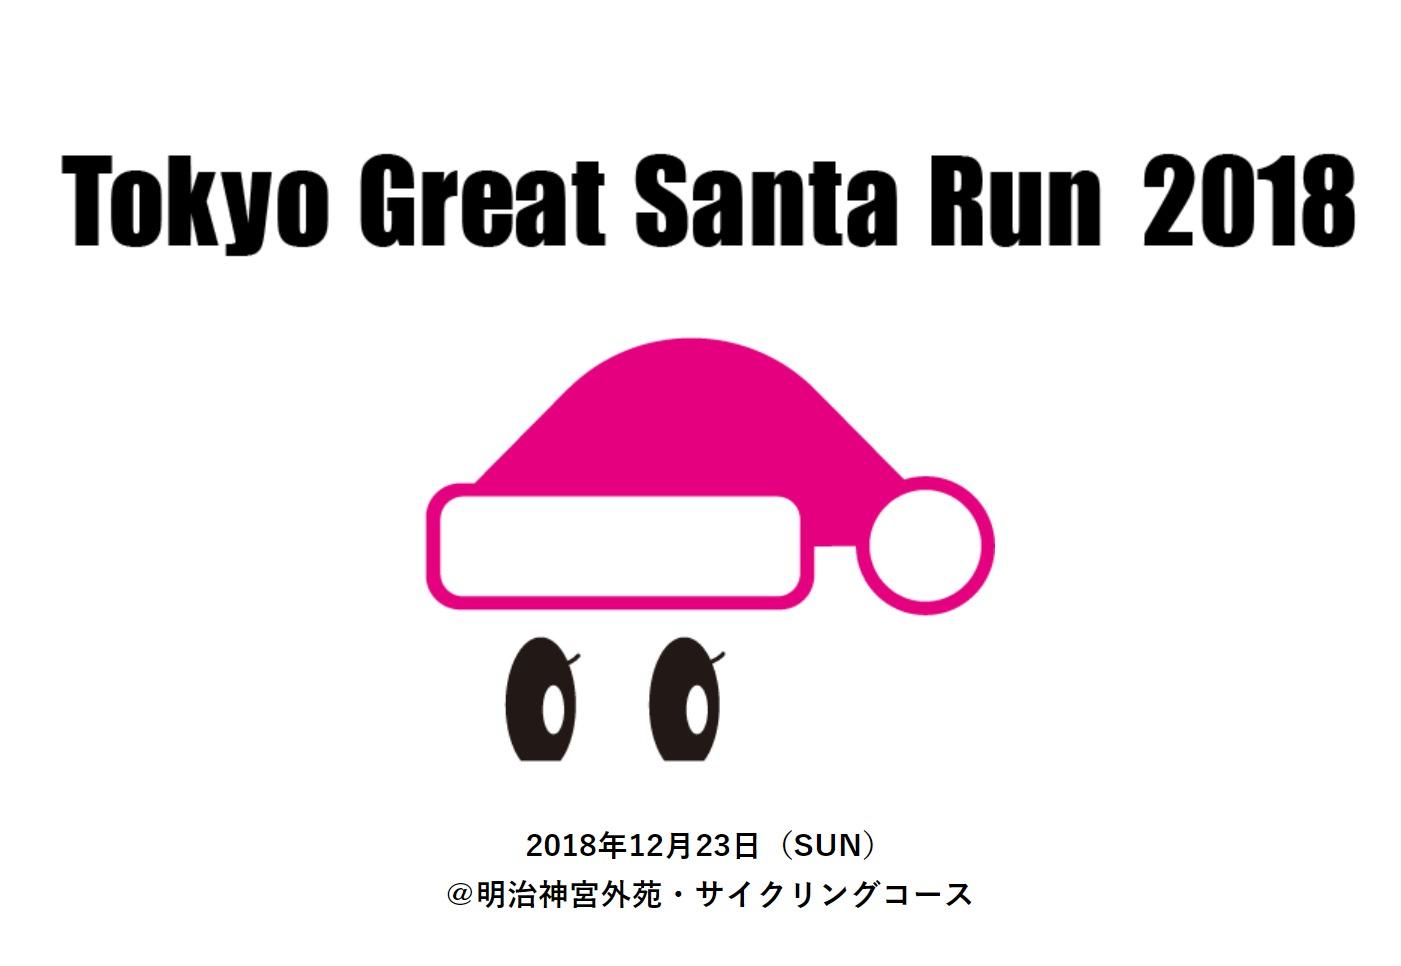 サンタの衣装を着て走るチャリティイベント『Tokyo Great Santa Run 2018』が12月23日(日)、明治神宮外苑で開催される